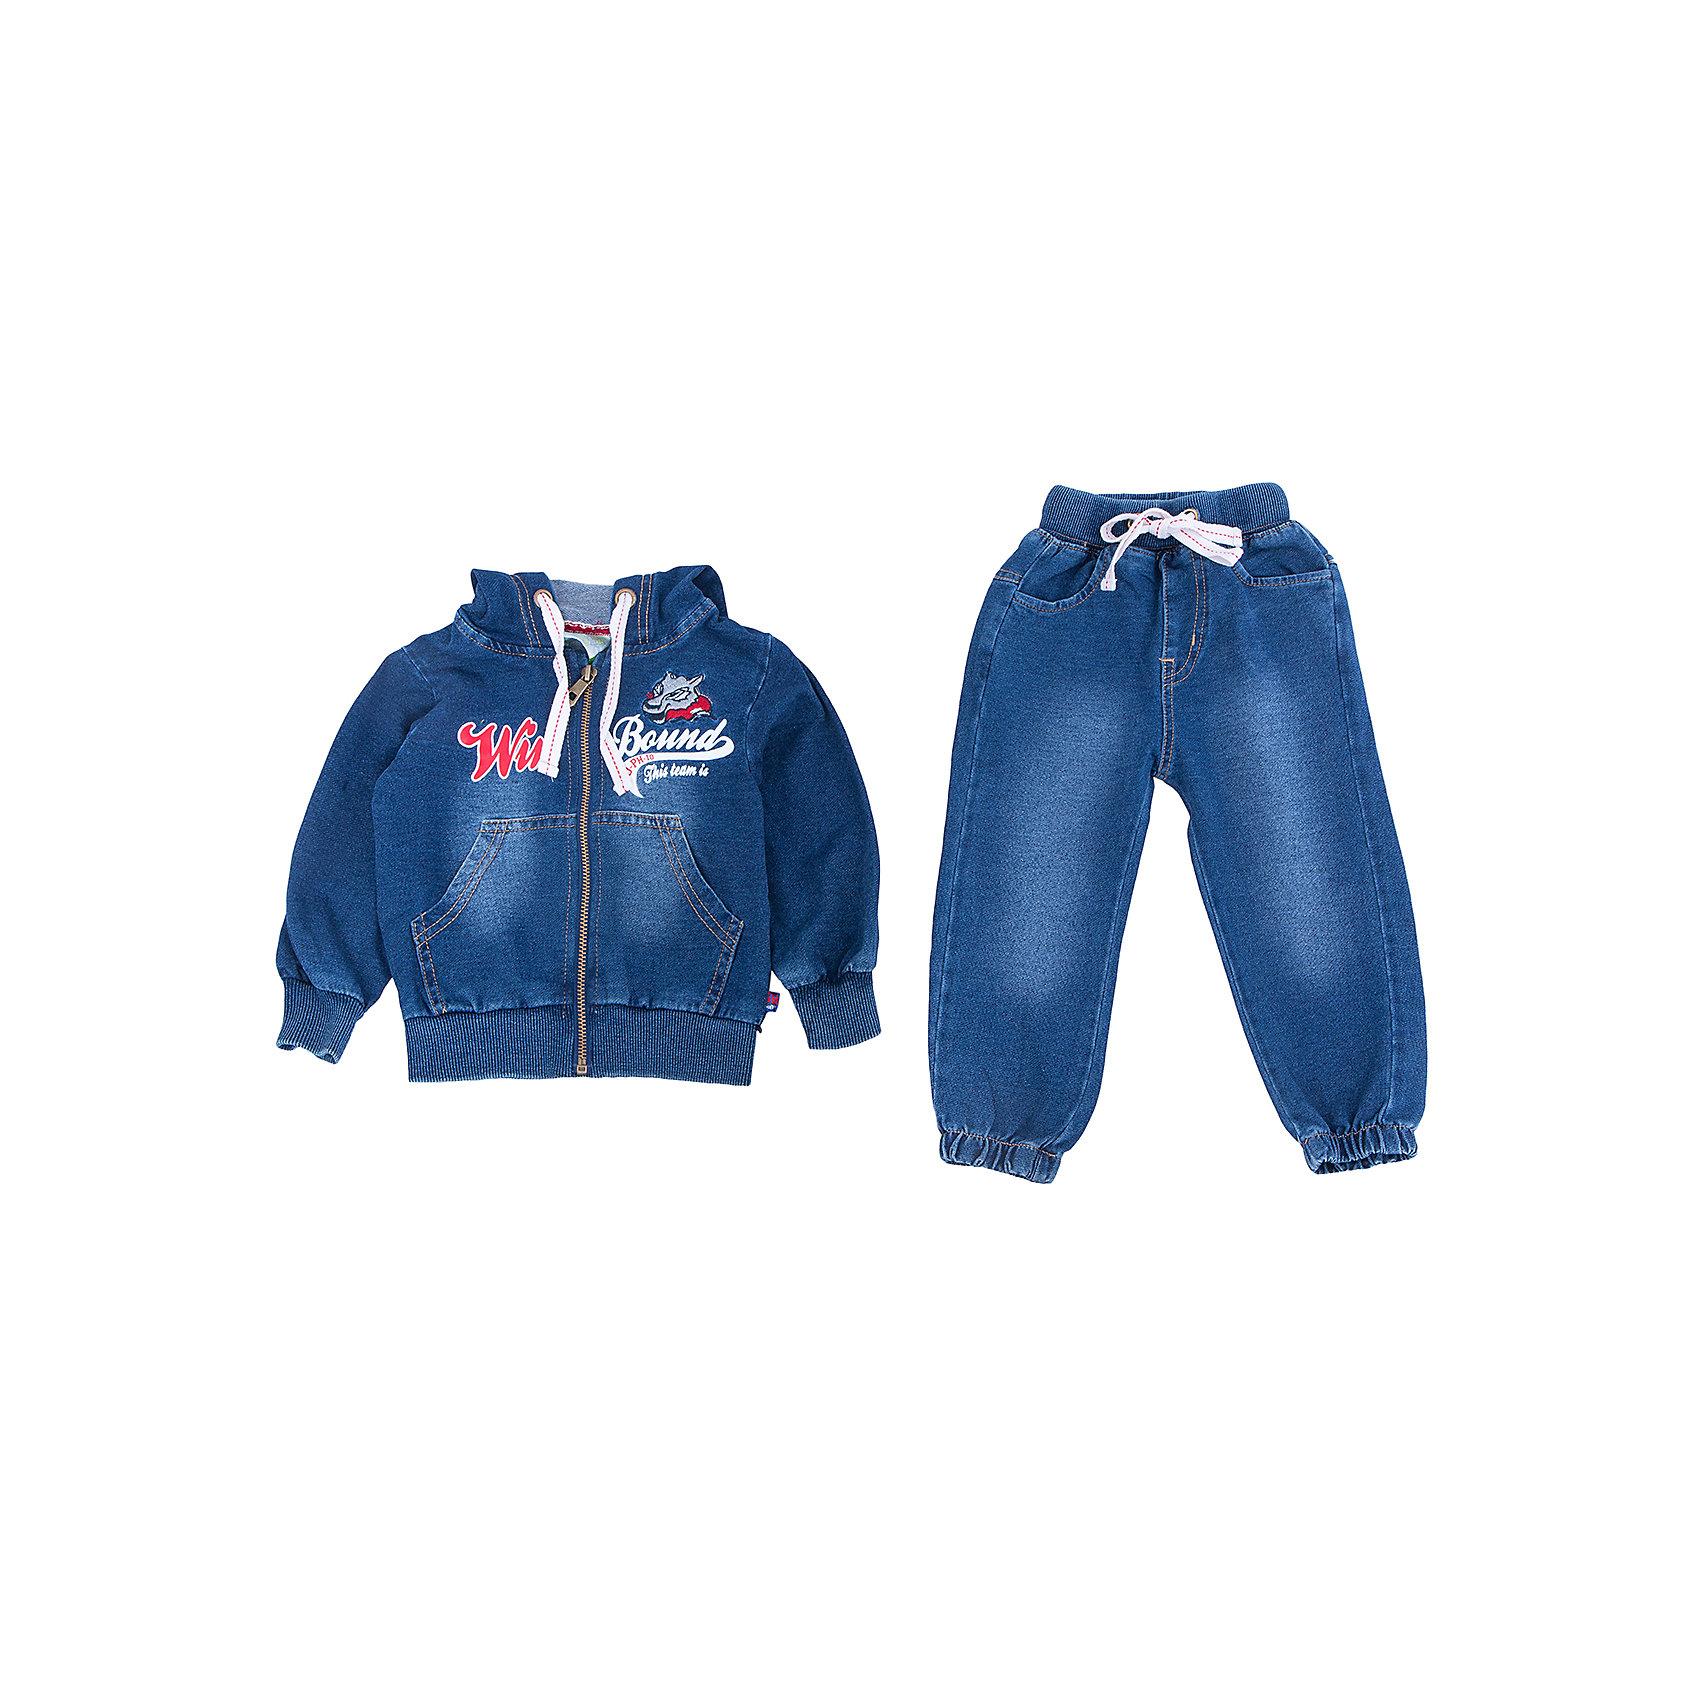 Спортивный костюм для мальчика Sweet BerryЭта модель спортивного костюма для мальчика отличается модным дизайном. Удачный крой обеспечит ребенку комфорт и тепло. Плотный материал делает вещь идеальной для прохладной погоды. Она плотно прилегает к телу там, где нужно, и отлично сидит по фигуре. Декорирована модель стильными нашивками. Штаны - с мягкой резинкой на поясе и затягивающимся шнурком. Ткань - футер с расцветкой под джинс.<br>Одежда от бренда Sweet Berry - это простой и выгодный способ одеть ребенка удобно и стильно. Всё изделия тщательно проработаны: швы - прочные, материал - качественный, фурнитура - подобранная специально для детей. <br><br>Дополнительная информация:<br><br>цвет: синий;<br>капюшон;<br>материал: 95% хлопок, 5% эластан (футер);<br>застежка: молния;<br>в брюках - резинка и шнурок.<br><br>Спортивный костюм для мальчика от бренда Sweet Berry можно купить в нашем интернет-магазине.<br><br>Ширина мм: 247<br>Глубина мм: 16<br>Высота мм: 140<br>Вес г: 225<br>Цвет: синий<br>Возраст от месяцев: 12<br>Возраст до месяцев: 15<br>Пол: Мужской<br>Возраст: Детский<br>Размер: 80,98,92,86<br>SKU: 4929987